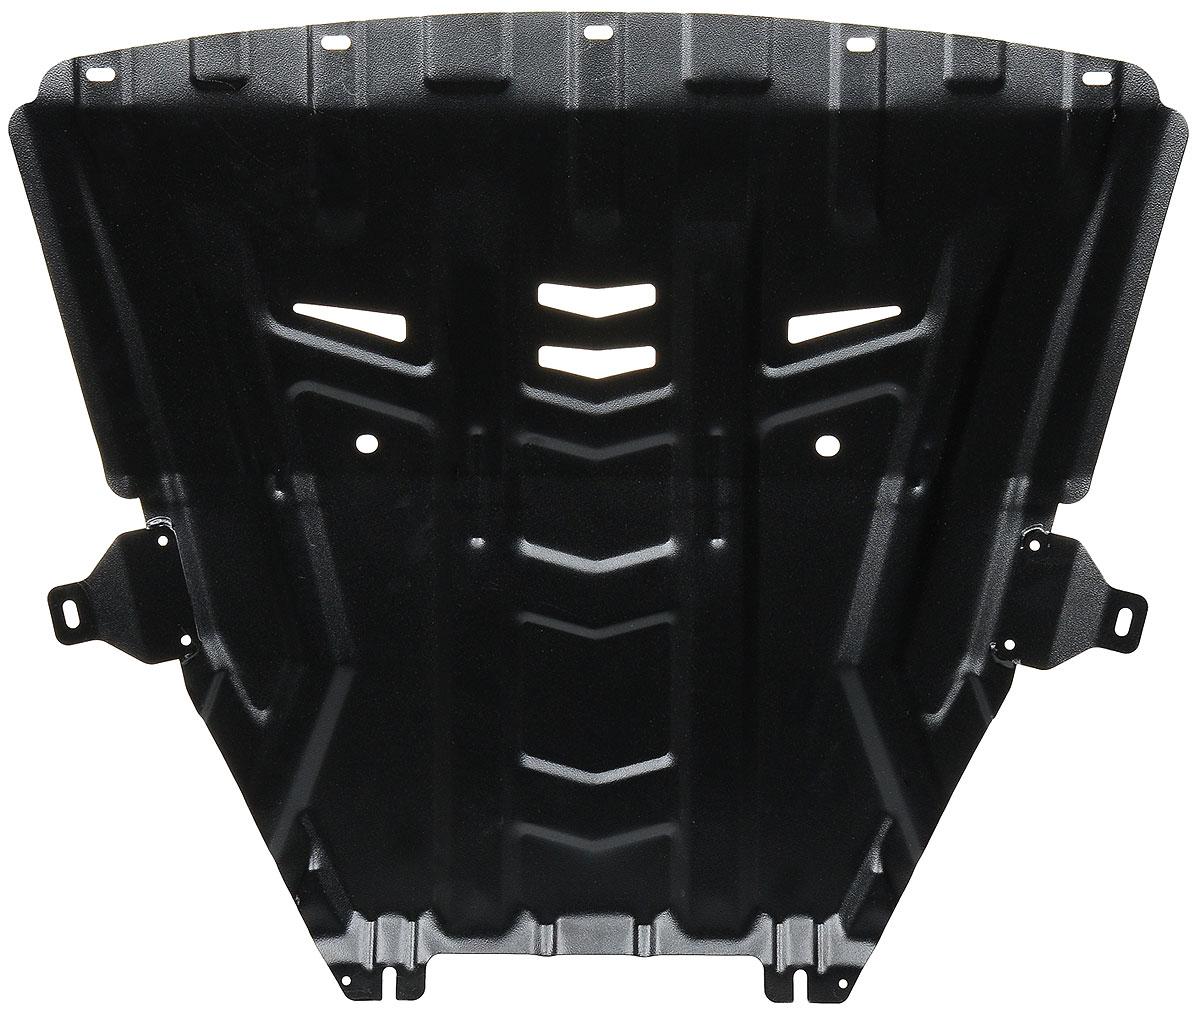 Защита картера и КПП Автоброня Lada Vesta 2015-/Lada Vesta SW 2017-, сталь 2 мм1.06029.1Защита картера и КПП Автоброня Lada Vesta, V-1,6; 1,8 2015-/Lada Vesta SW, V - 1.8 2017-, сталь 2 мм, штатный крепеж, 1.06029.1Стальные защиты Автоброня надежно защищают ваш автомобиль от повреждений при наезде на бордюры, выступающие канализационные люки, кромки поврежденного асфальта или при ремонте дорог, не говоря уже о загородных дорогах. - Имеют оптимальное соотношение цена-качество. - Спроектированы с учетом особенностей автомобиля, что делает установку удобной. - Защита устанавливается в штатные места кузова автомобиля. - Является надежной защитой для важных элементов на протяжении долгих лет. - Глубокий штамп дополнительно усиливает конструкцию защиты. - Подштамповка в местах крепления защищает крепеж от срезания. - Технологические отверстия там, где они необходимы для смены масла и слива воды, оборудованные заглушками, закрепленными на защите. Толщина стали 2 мм. В комплекте инструкция по установке. При установке используется штатный крепеж автомобиля.Уважаемые клиенты! Обращаем ваше внимание на тот факт, что защита имеет форму, соответствующую модели данного автомобиля. Наличие глубокого штампа и лючков для смены фильтров/масла предусмотрено не на всех защитах. Фото служит для визуального восприятия товара.